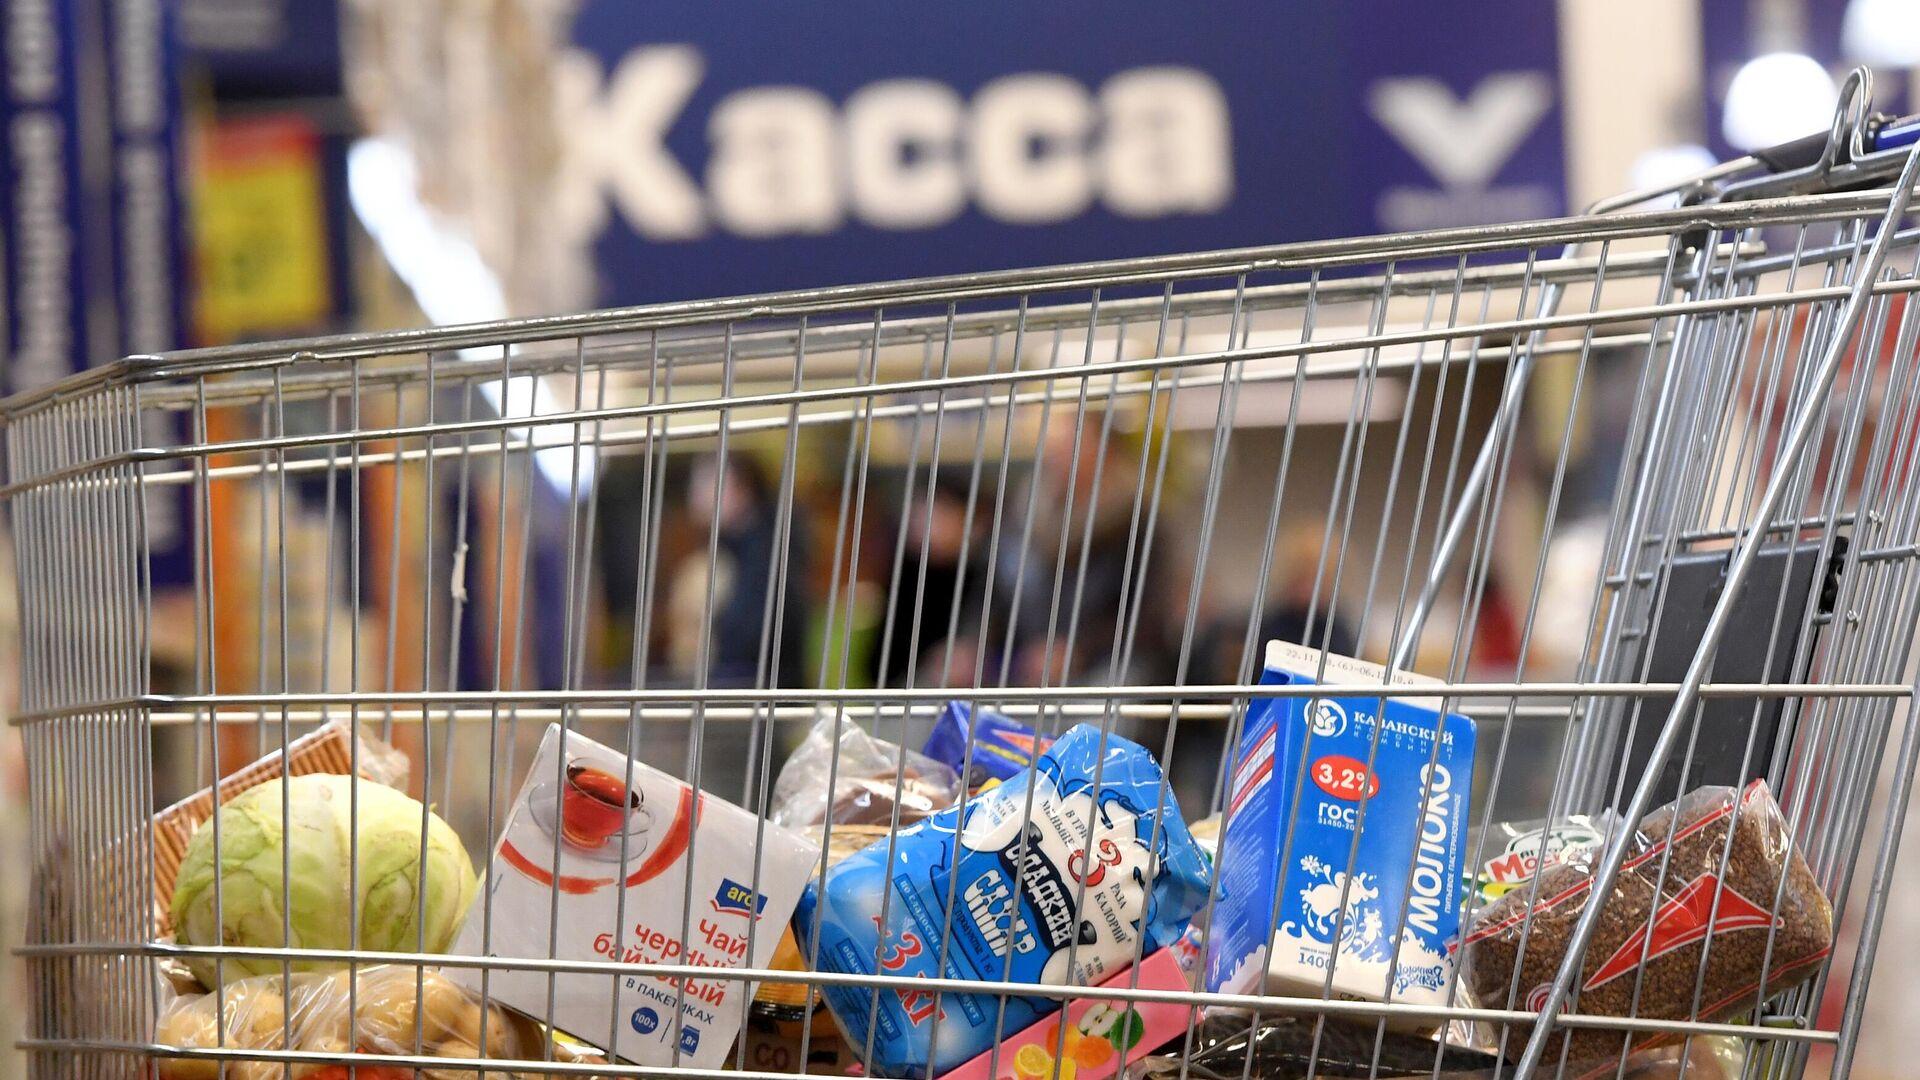 Тележка с продуктами в магазине - РИА Новости, 1920, 10.12.2020